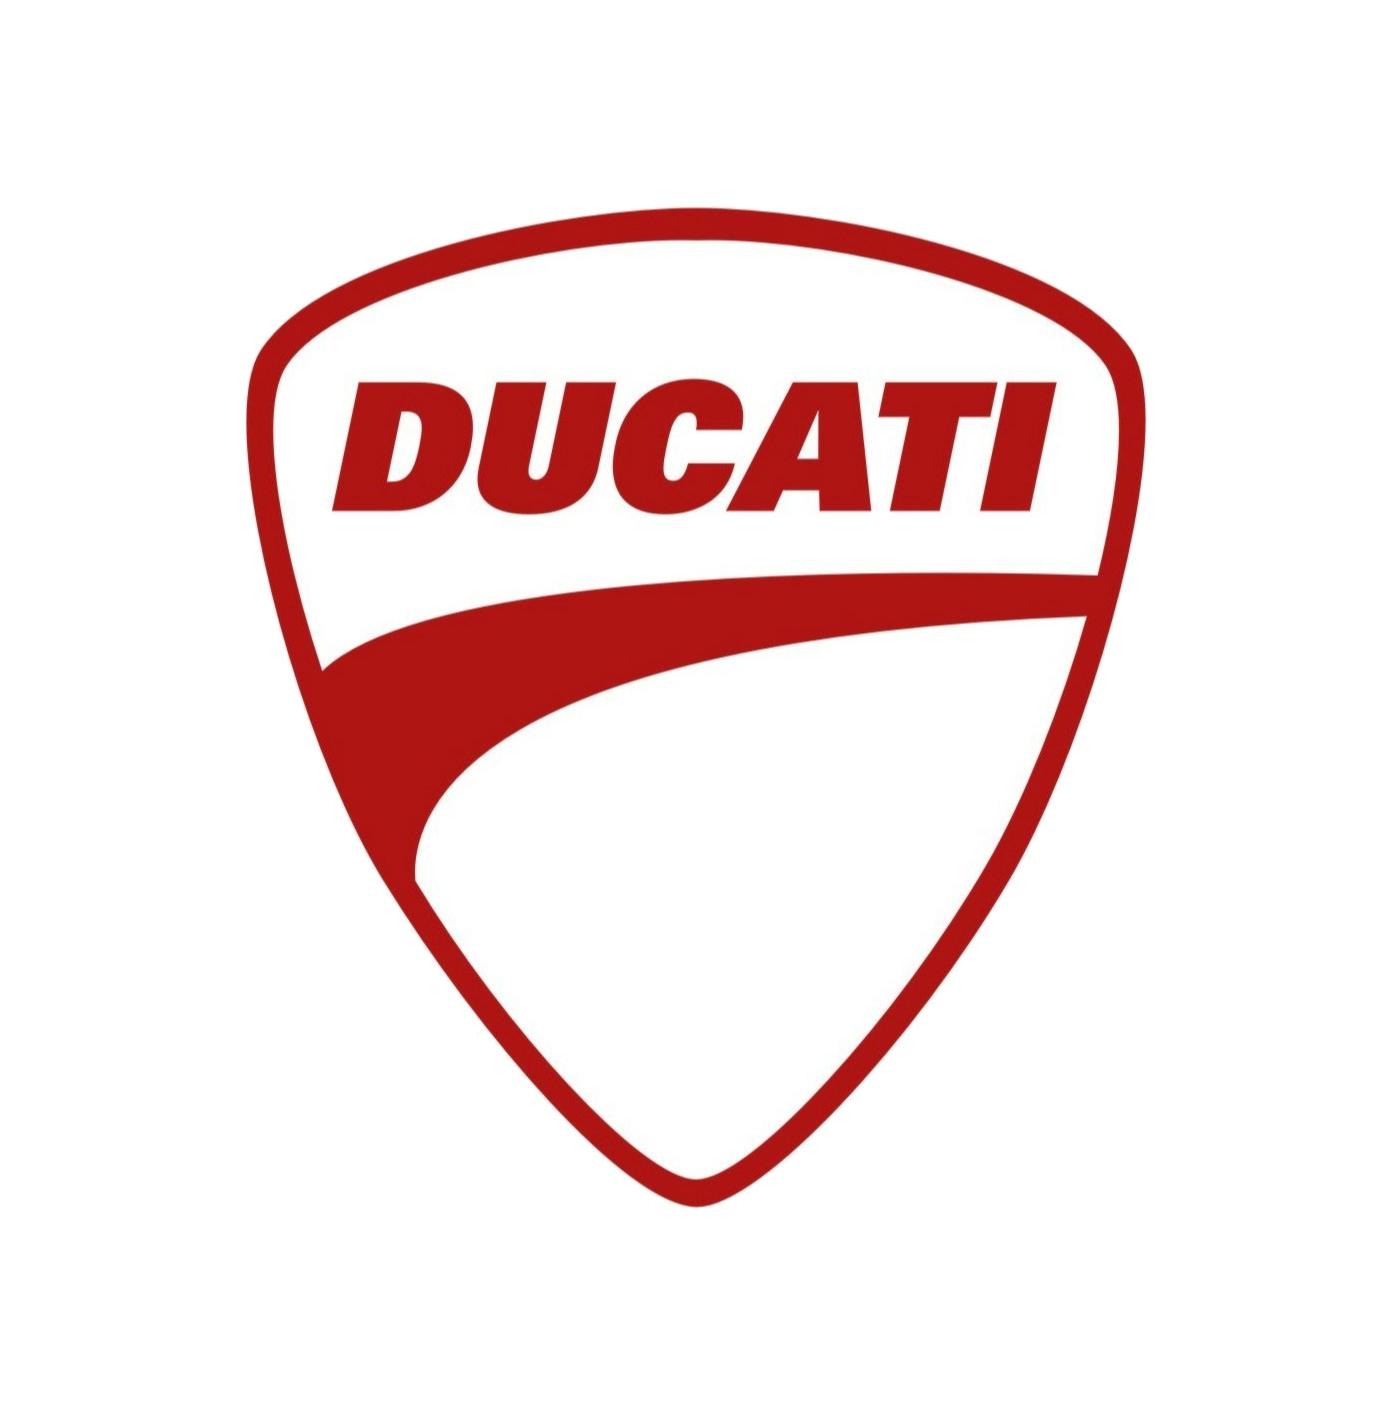 Ducati-klein.jpg